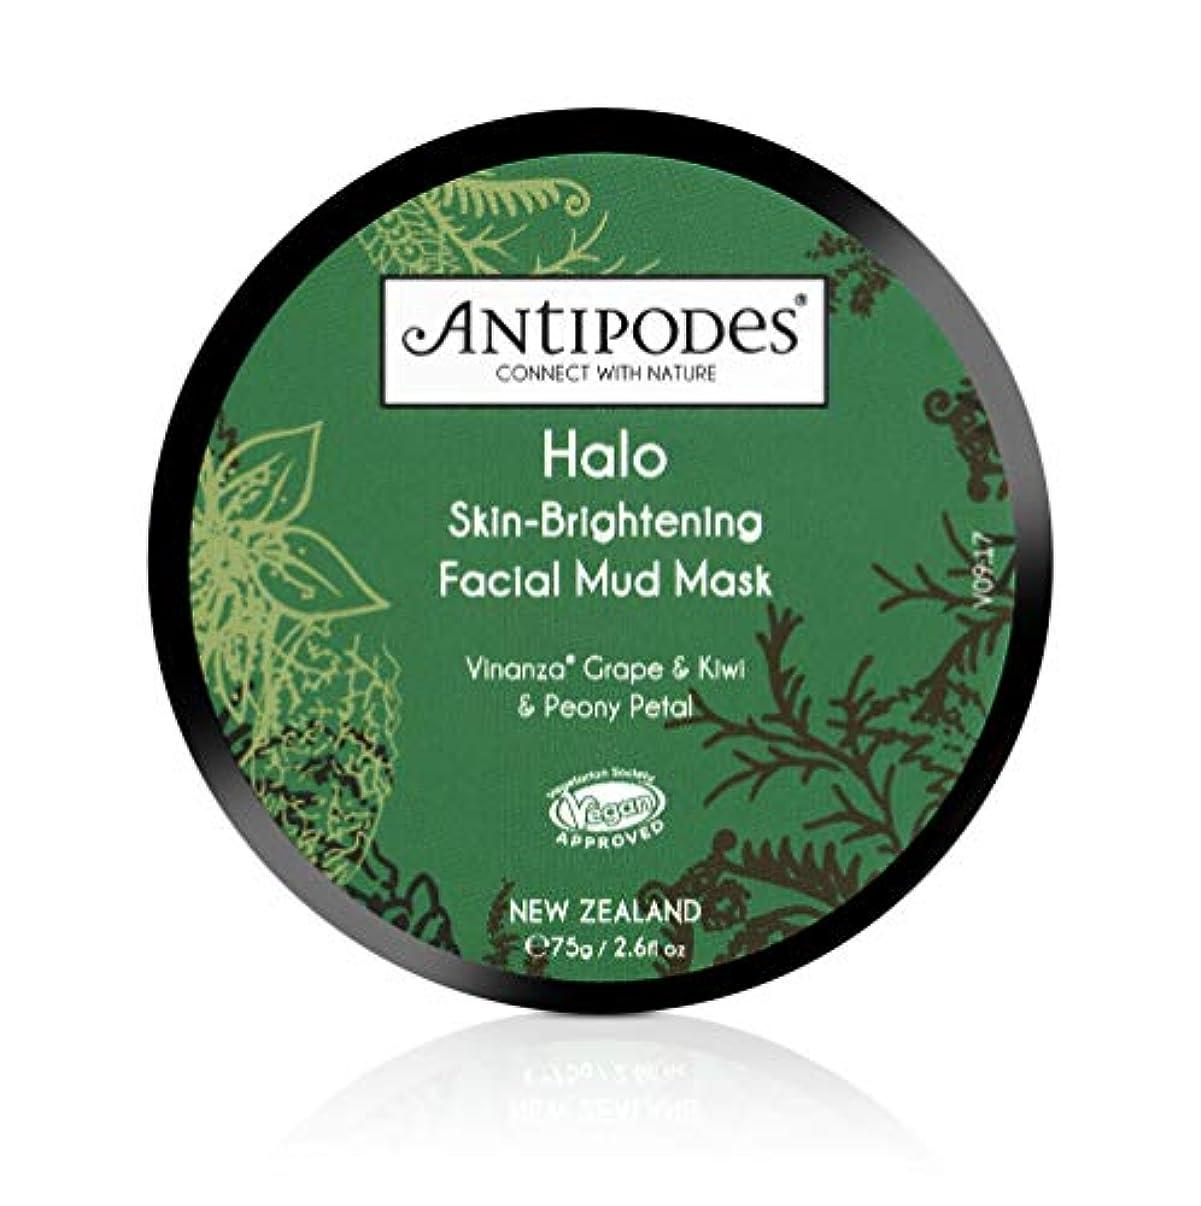 変化生じるスマートAntipodes(アンティポディース) ヘイロー ボルカニックマッドマスク